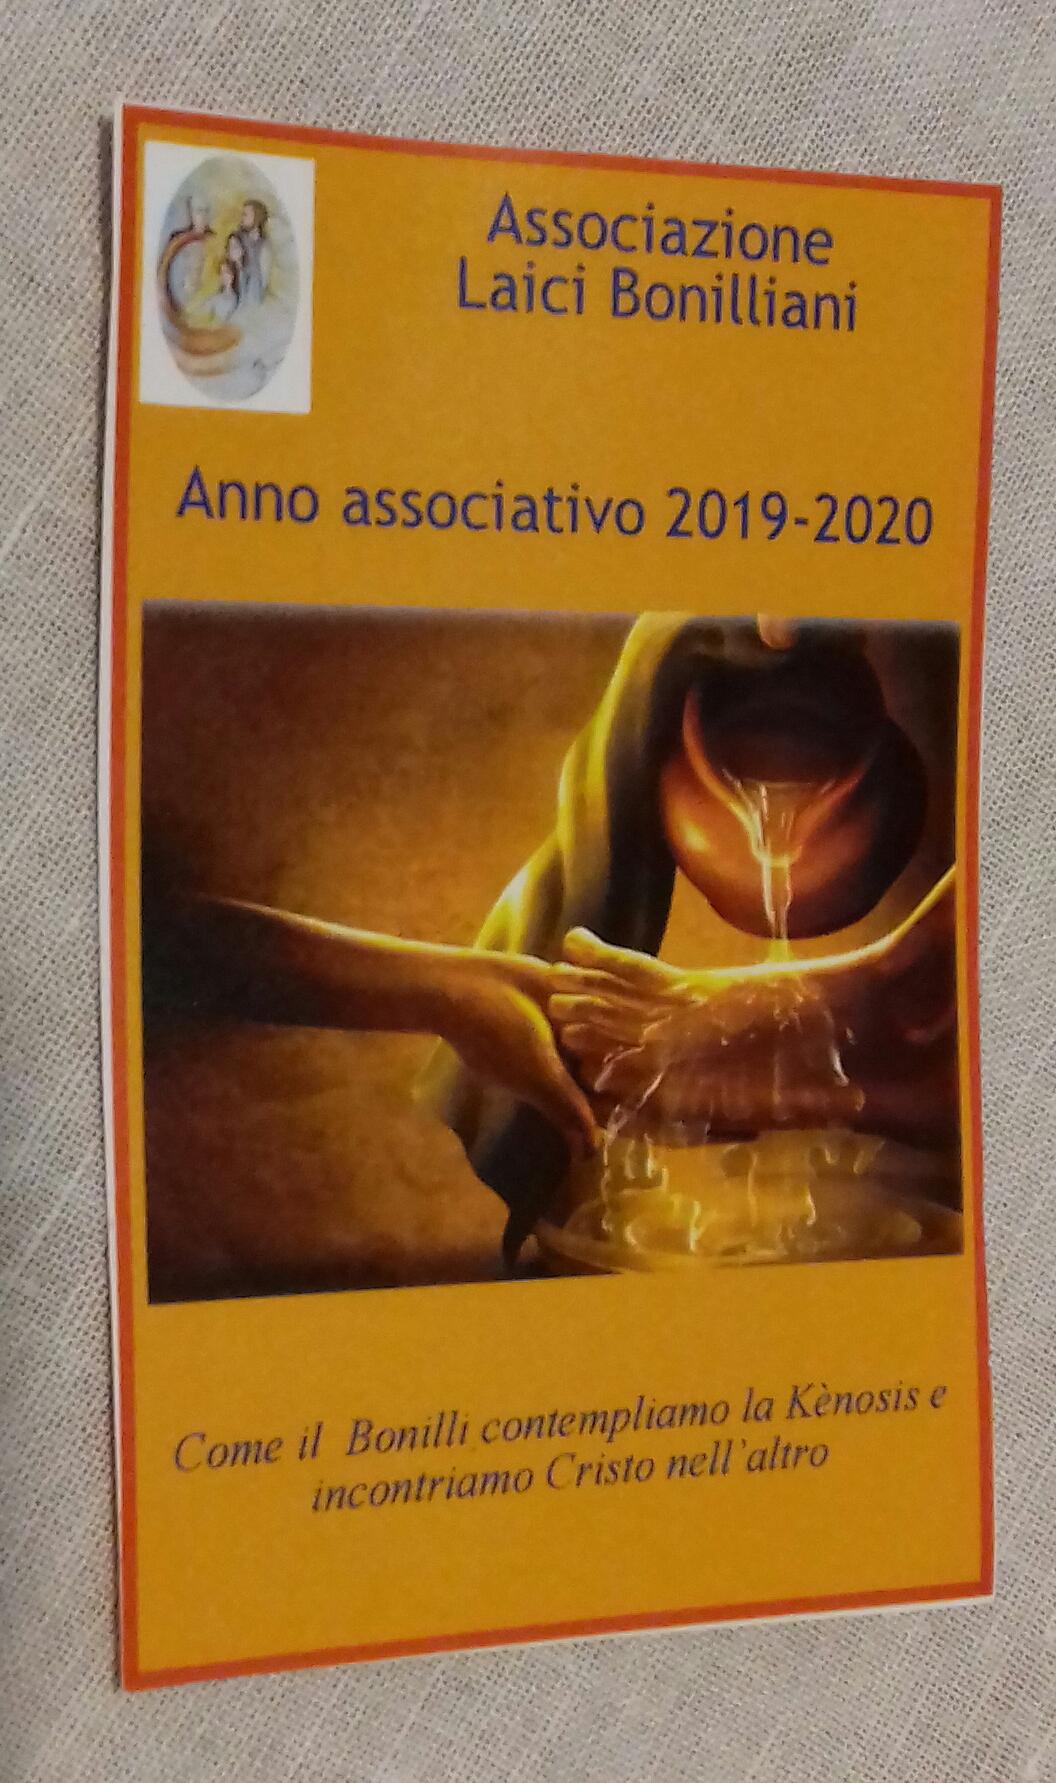 Rinnovo del tesseramento nelle comunità dell'Associazione Laici Bonilliani